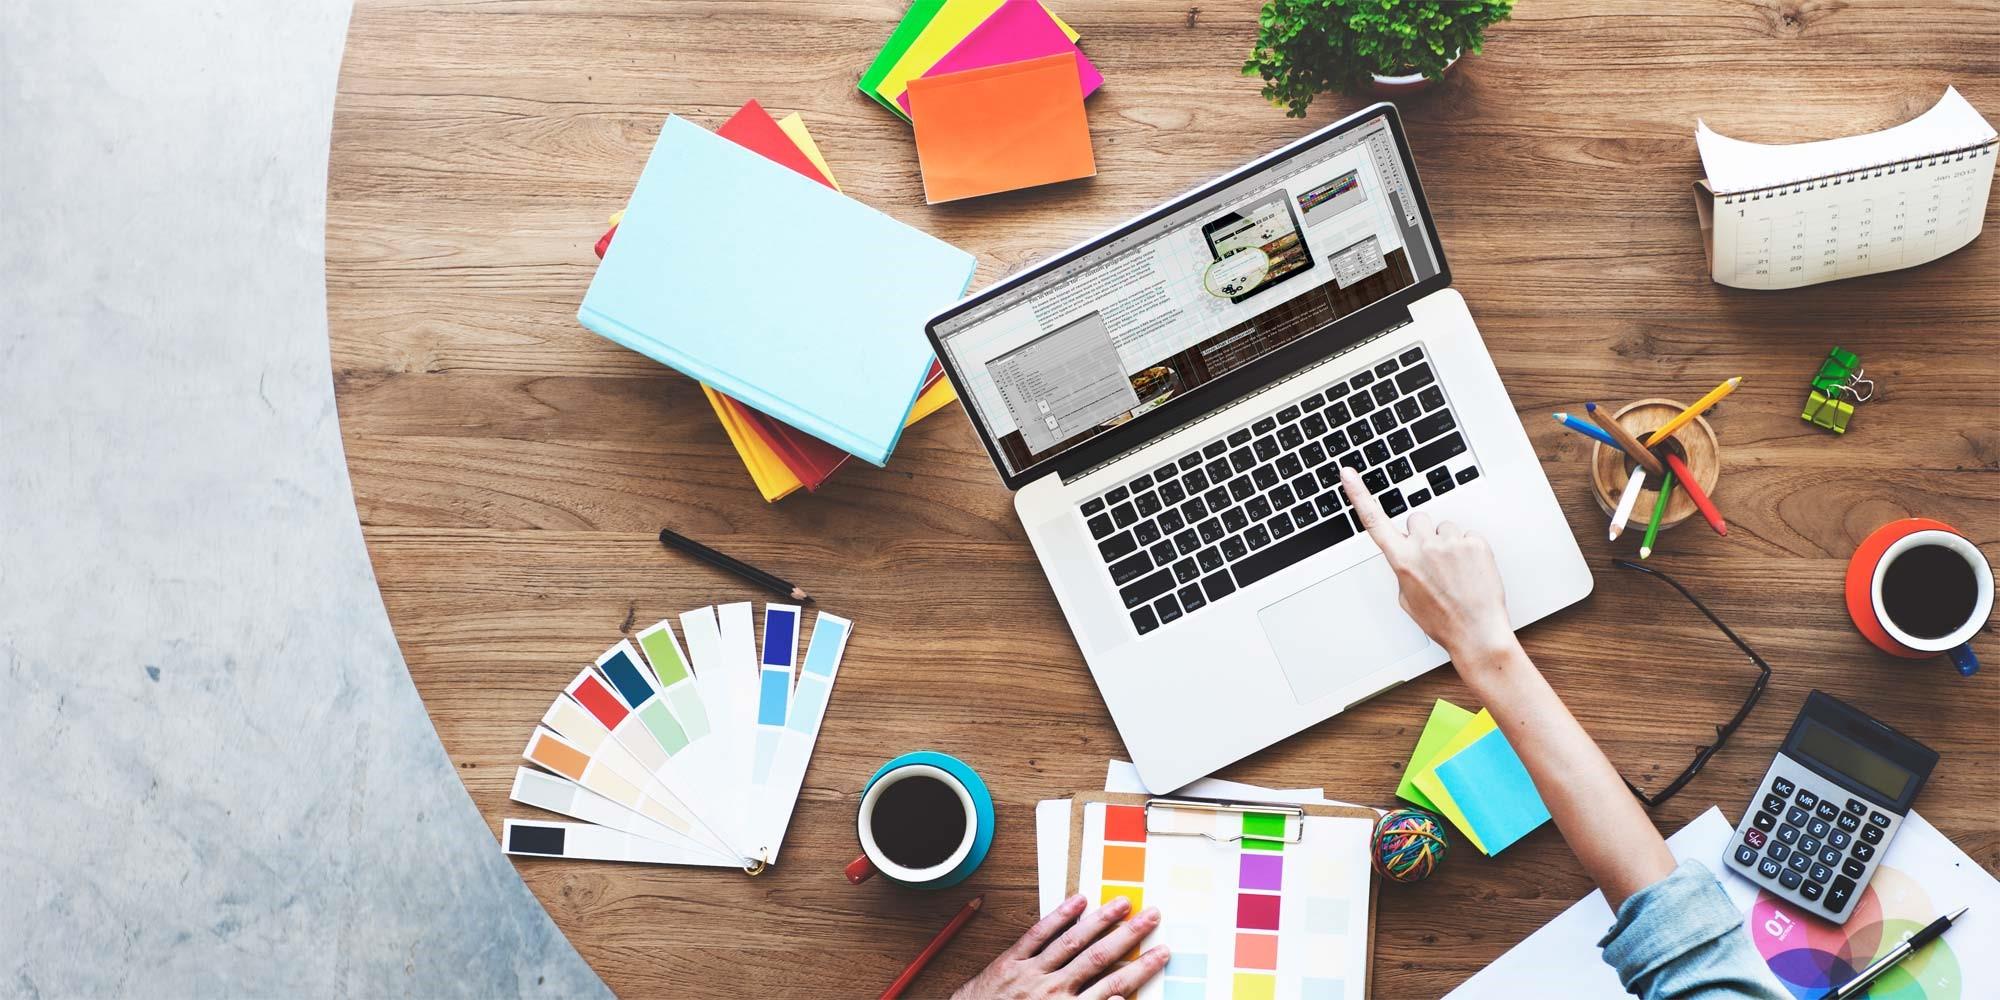 نحوه یادگیری طراحی وب سایت